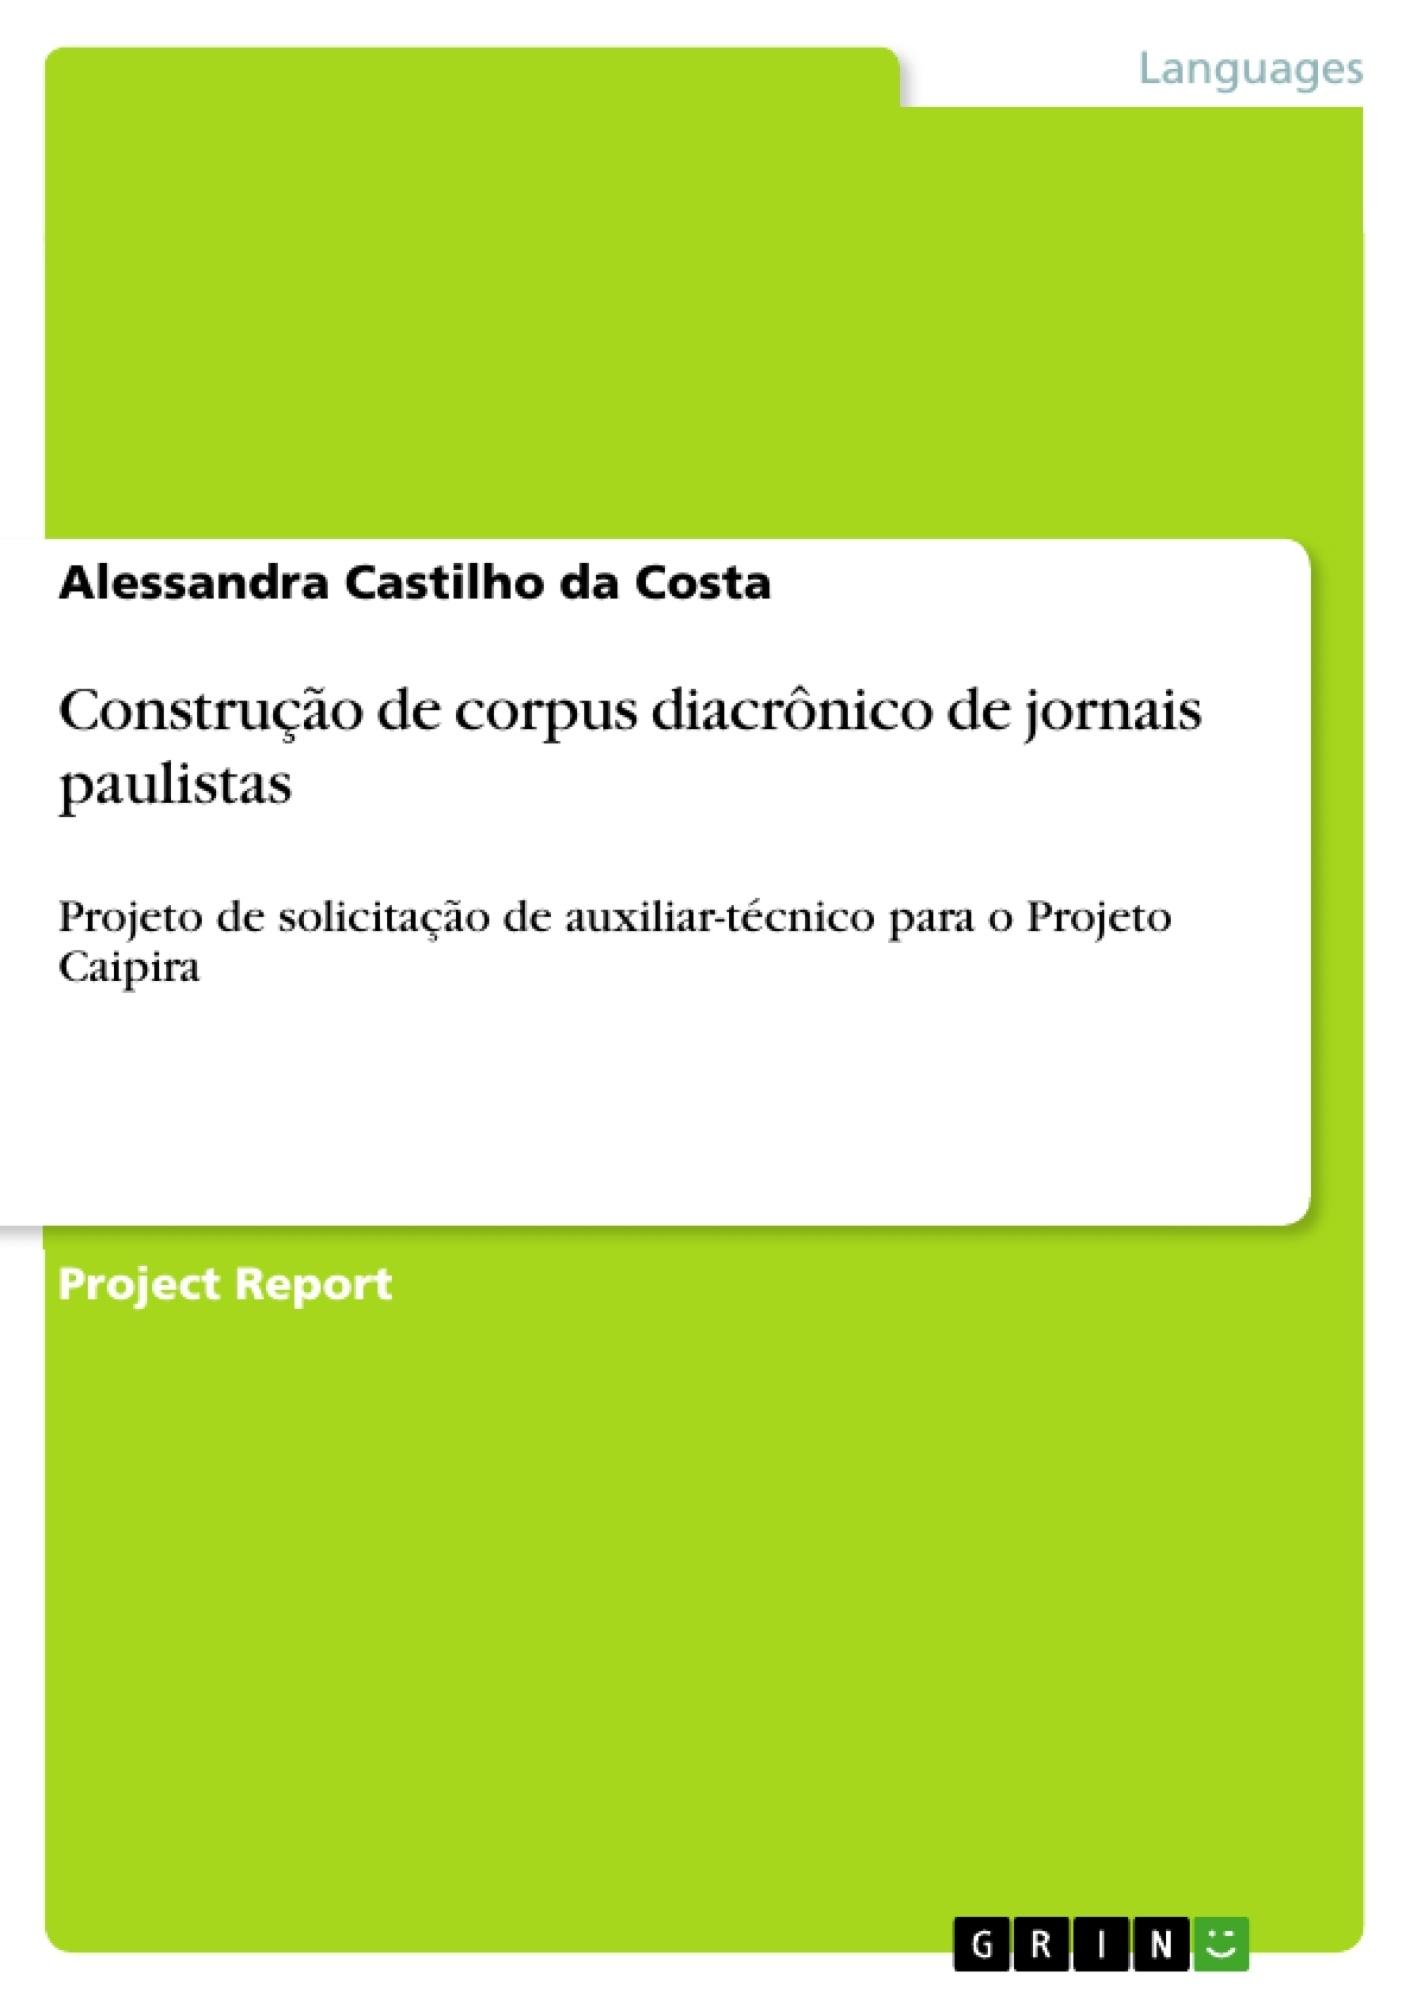 Title: Construção de corpus diacrônico de jornais paulistas